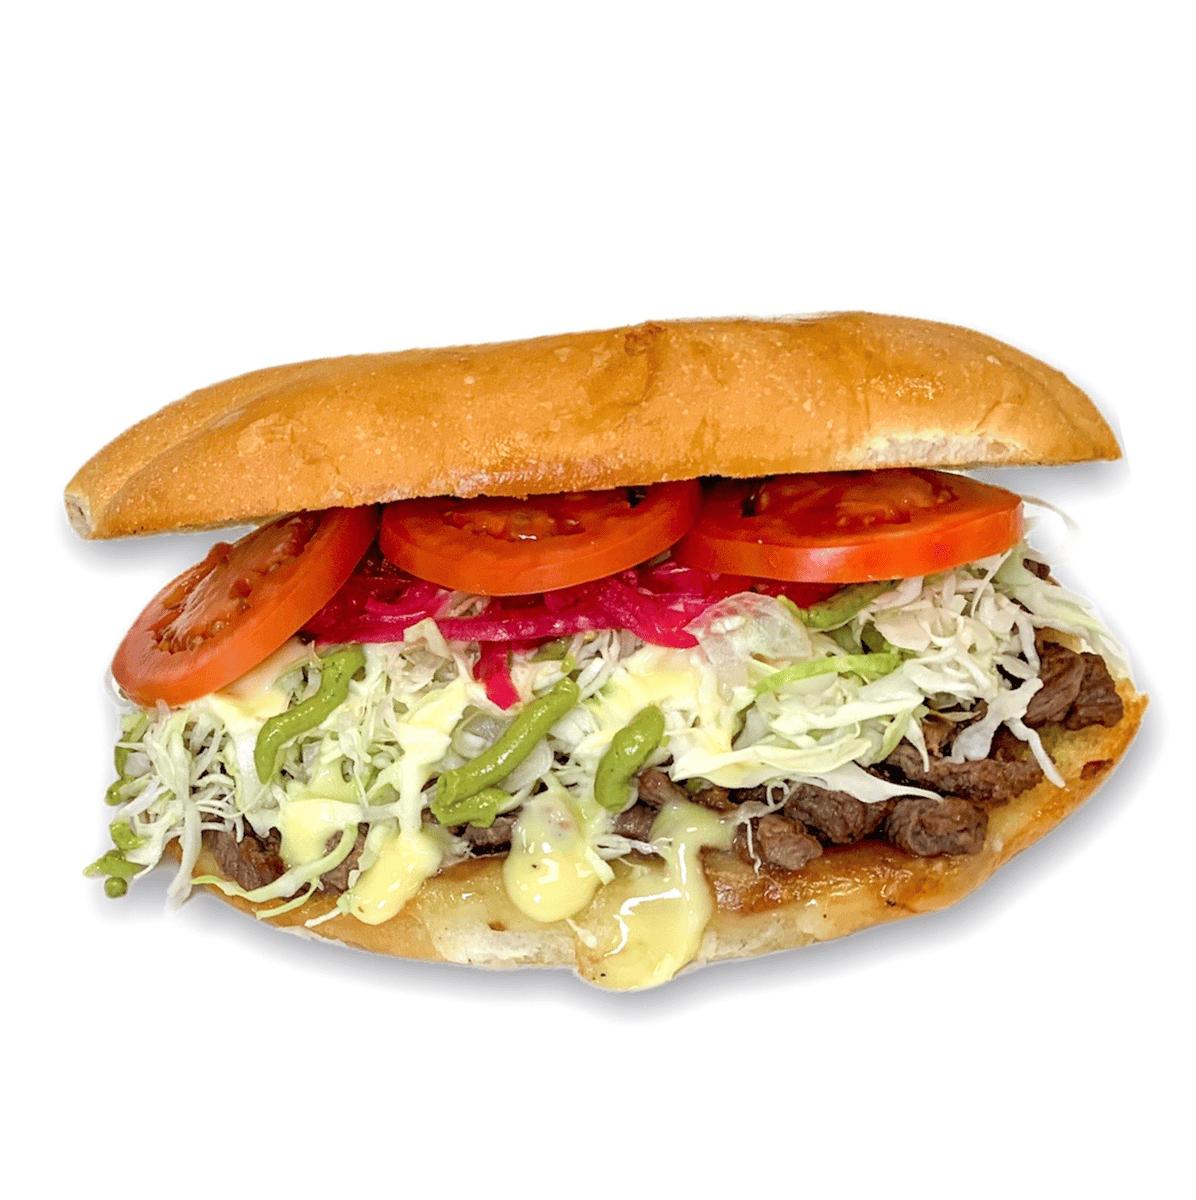 13. Carne Asada